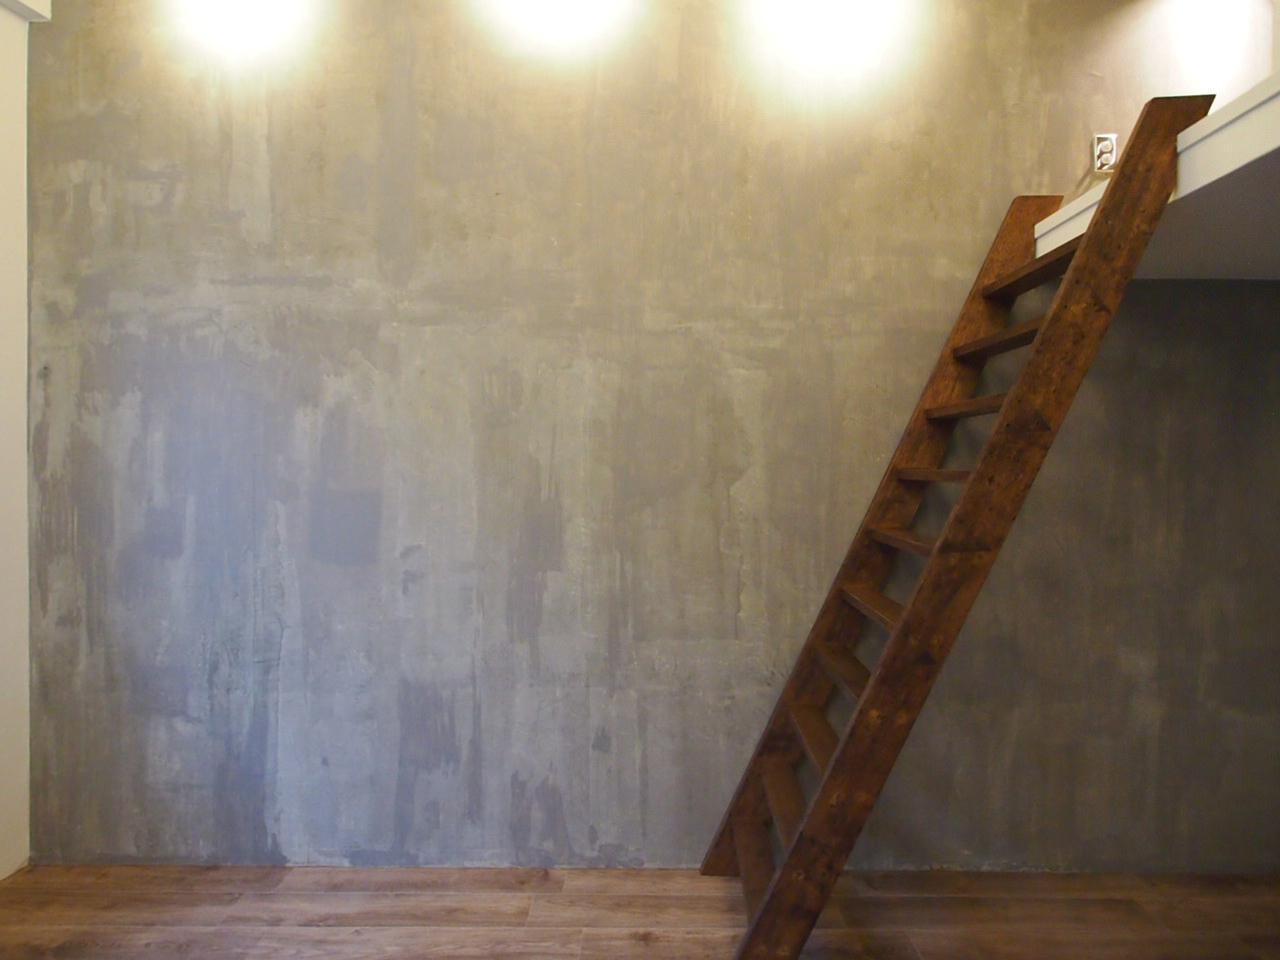 ロフトへと続く木製の梯子